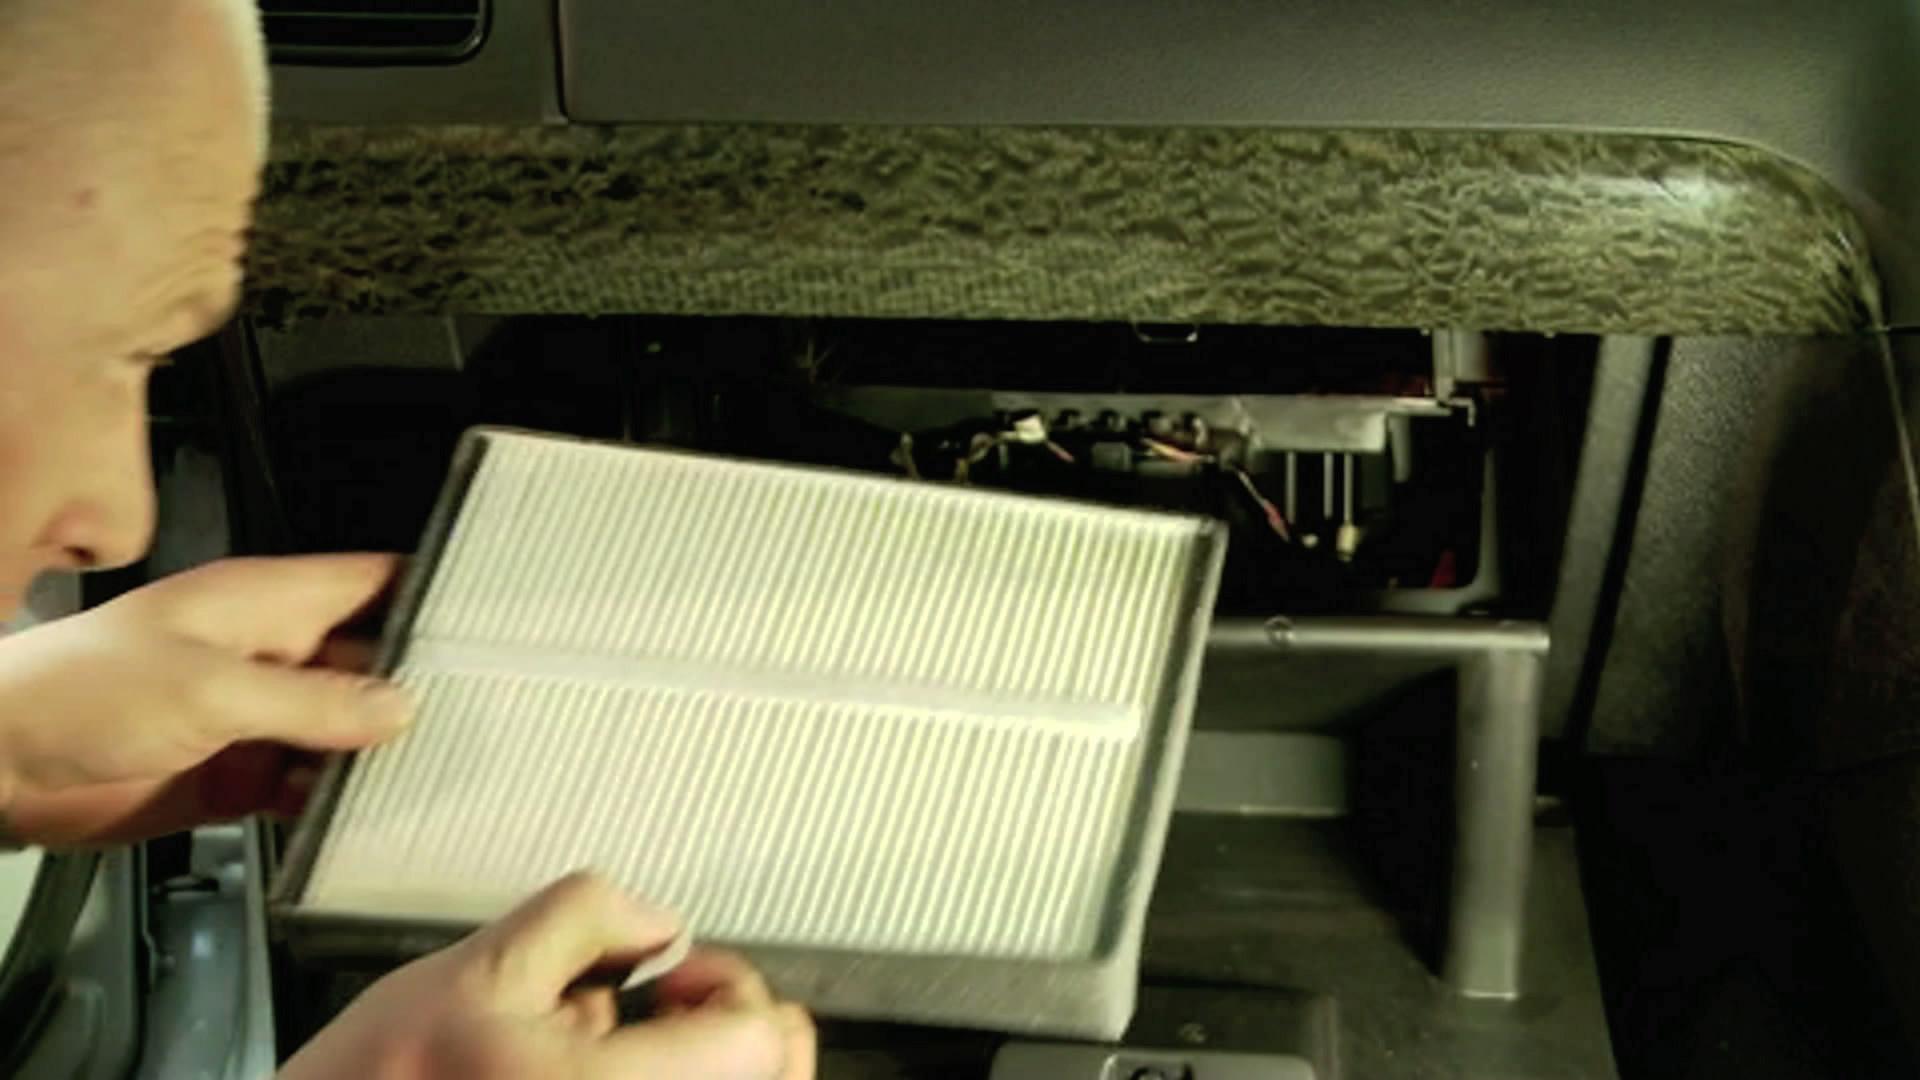 94e215b22 Dica simples para aumentar a vida útil do filtro da cabine